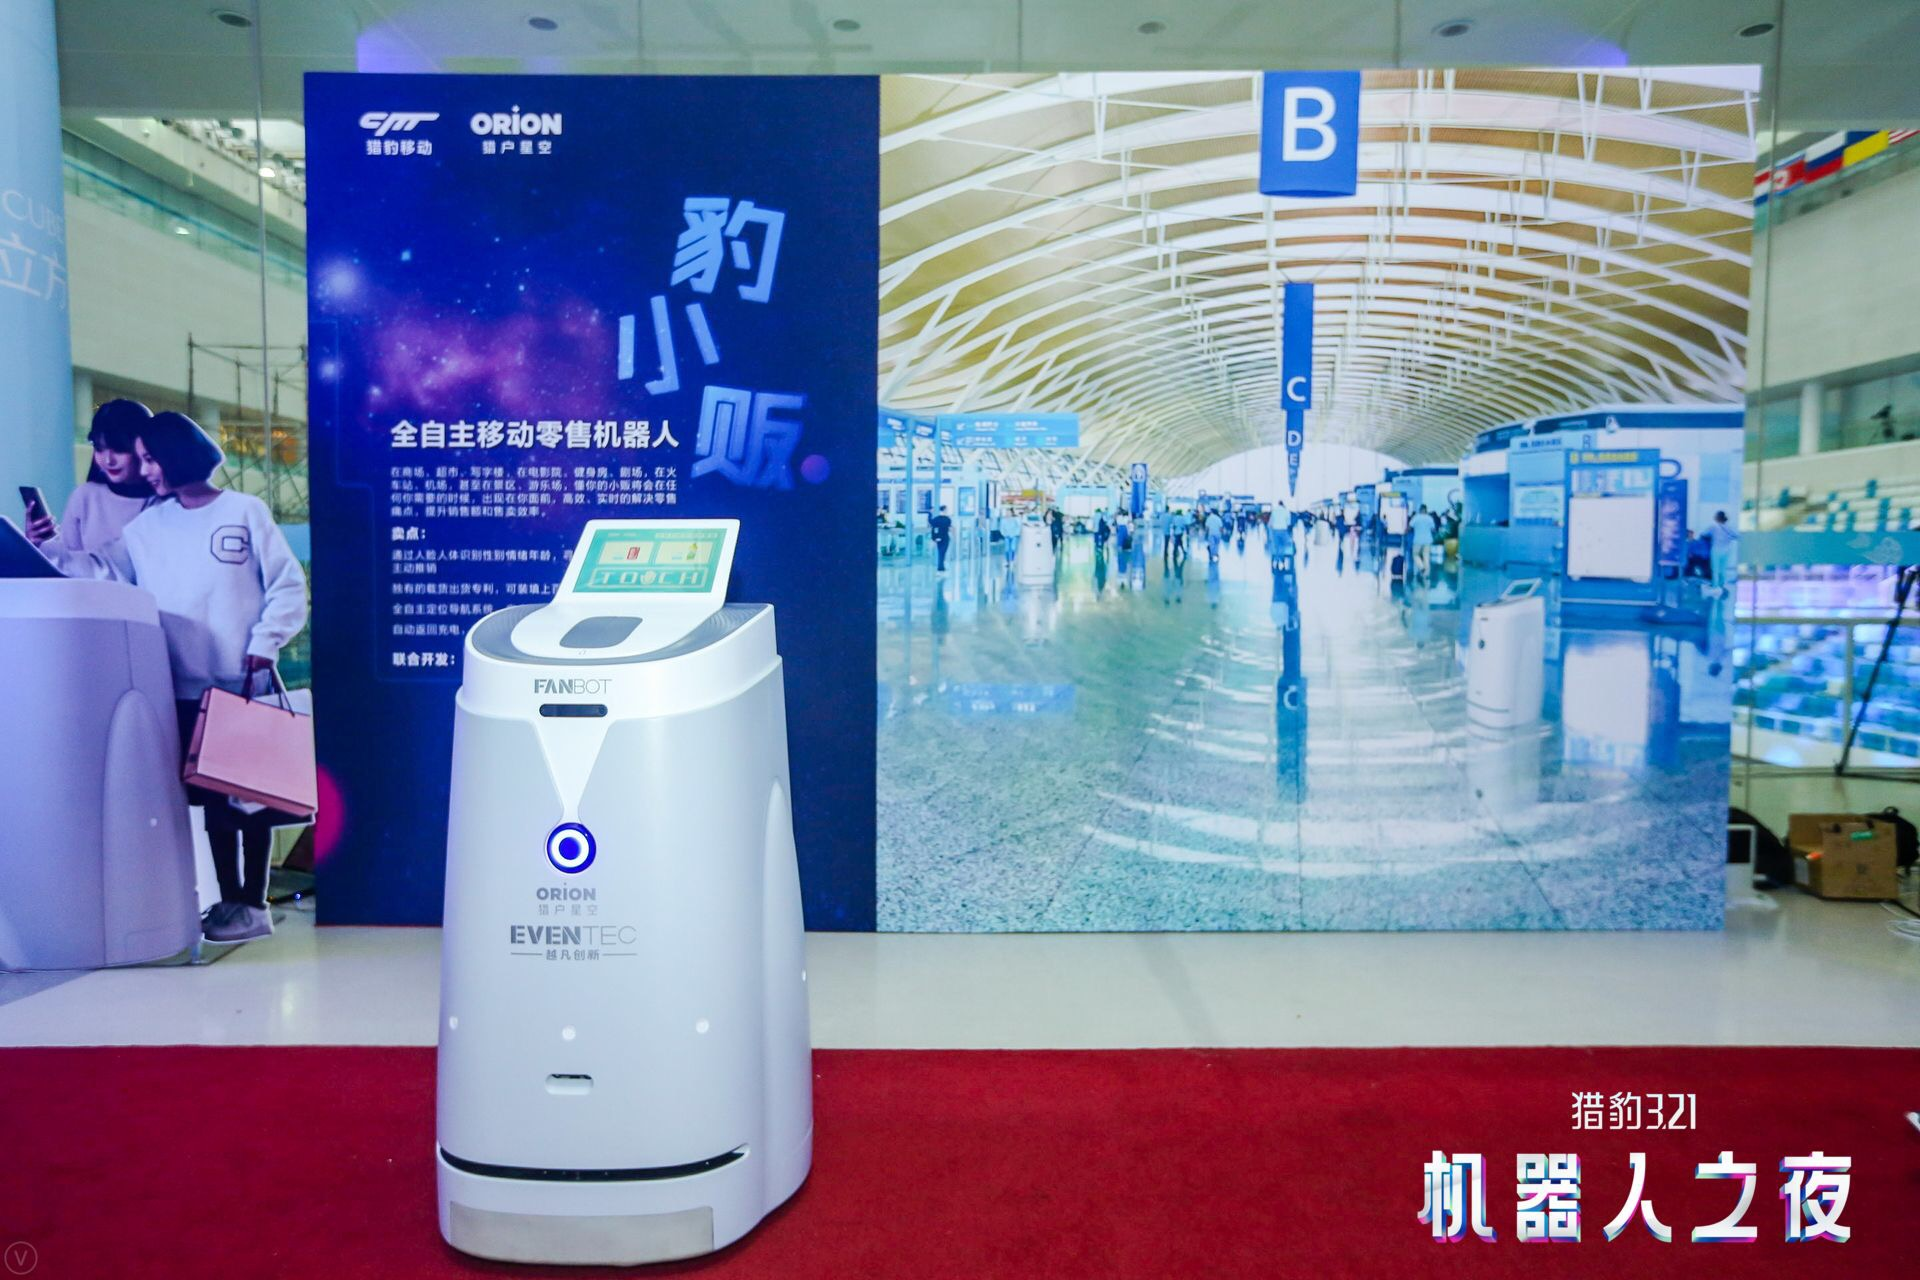 獵豹移動推出五款全新實用型機器人產品